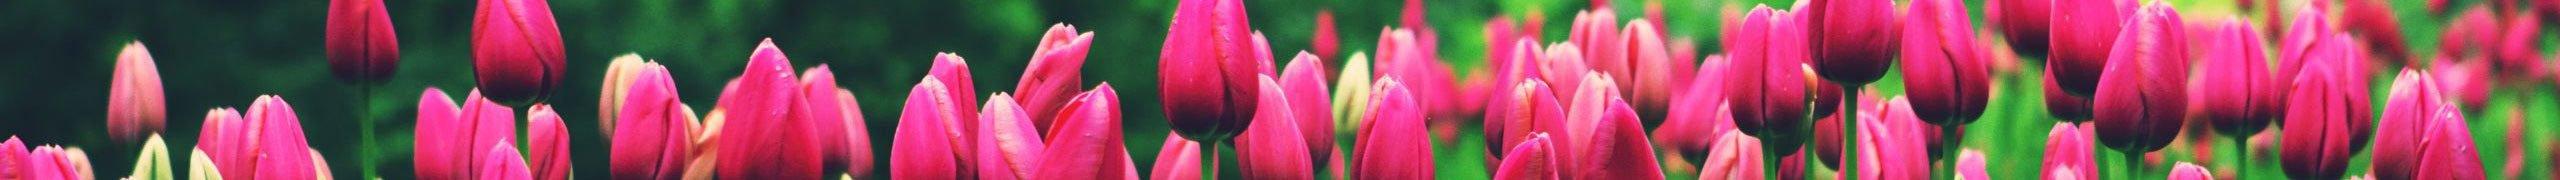 Kedvezméynes tavaszkezdő (ünnep)napok